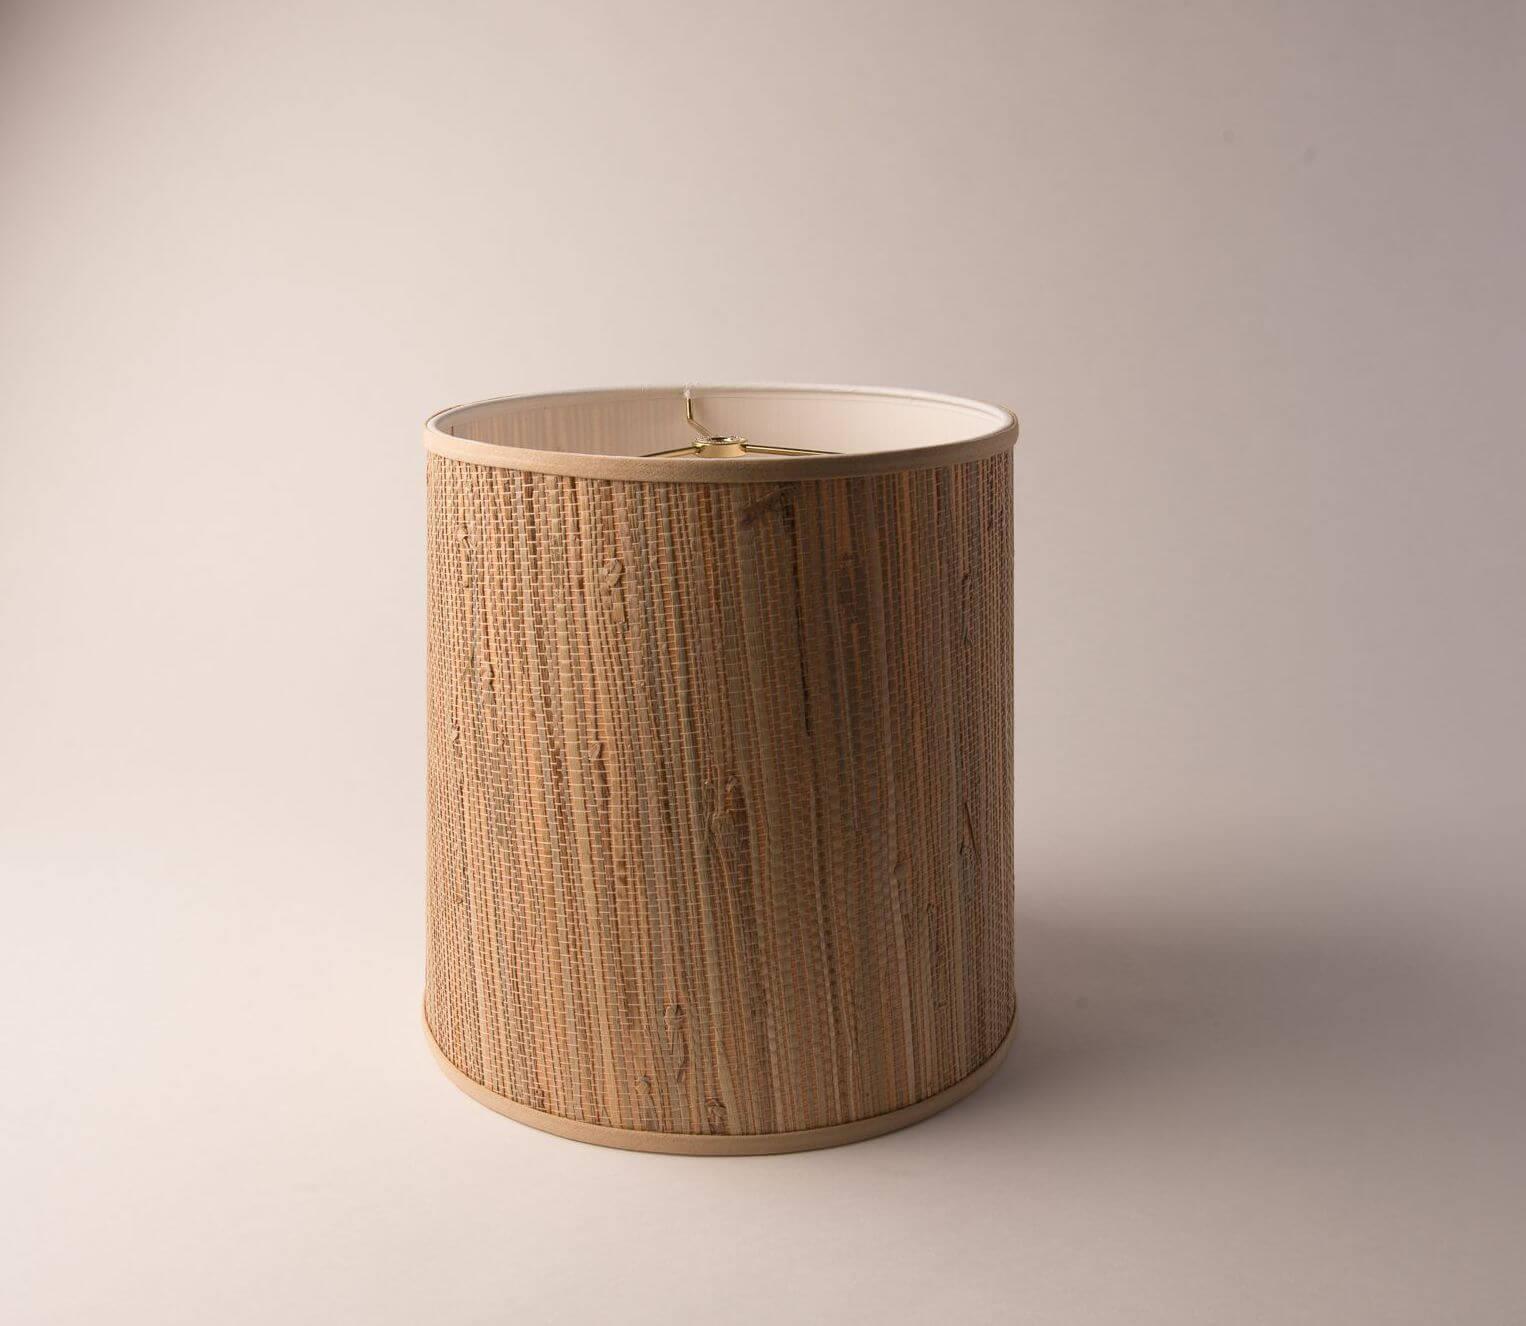 Drum Tall Tan Grasscloth